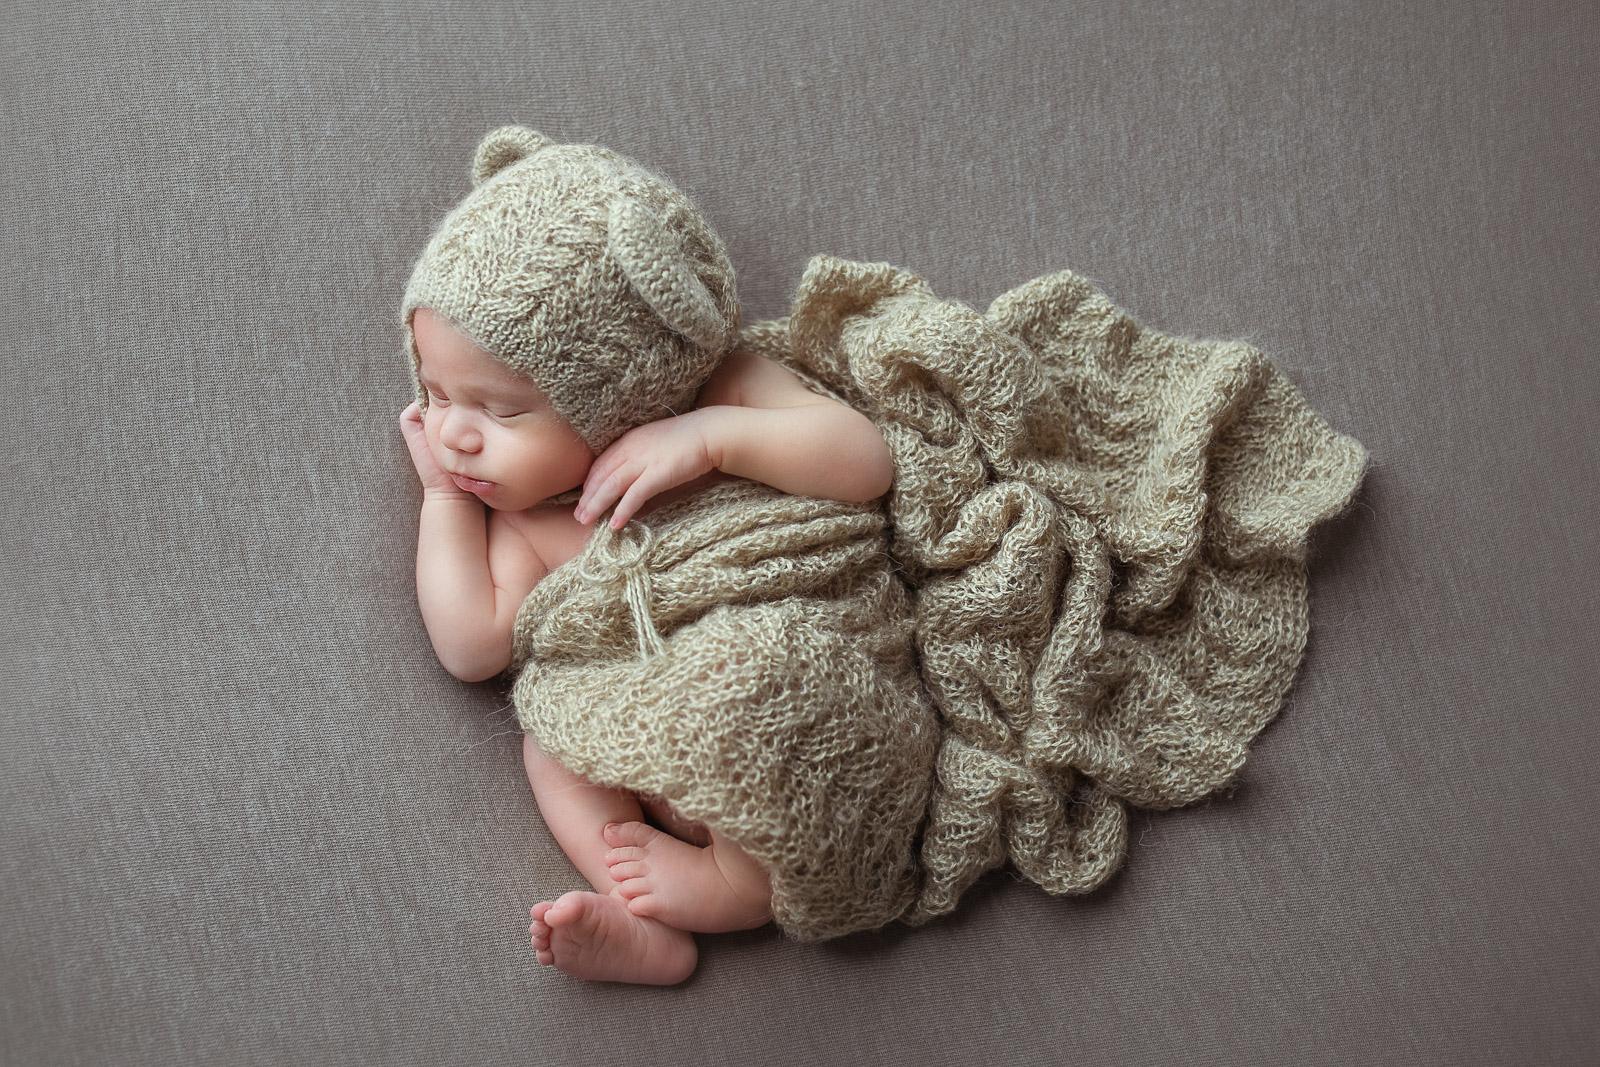 Neugeborenenfotos zürich 2